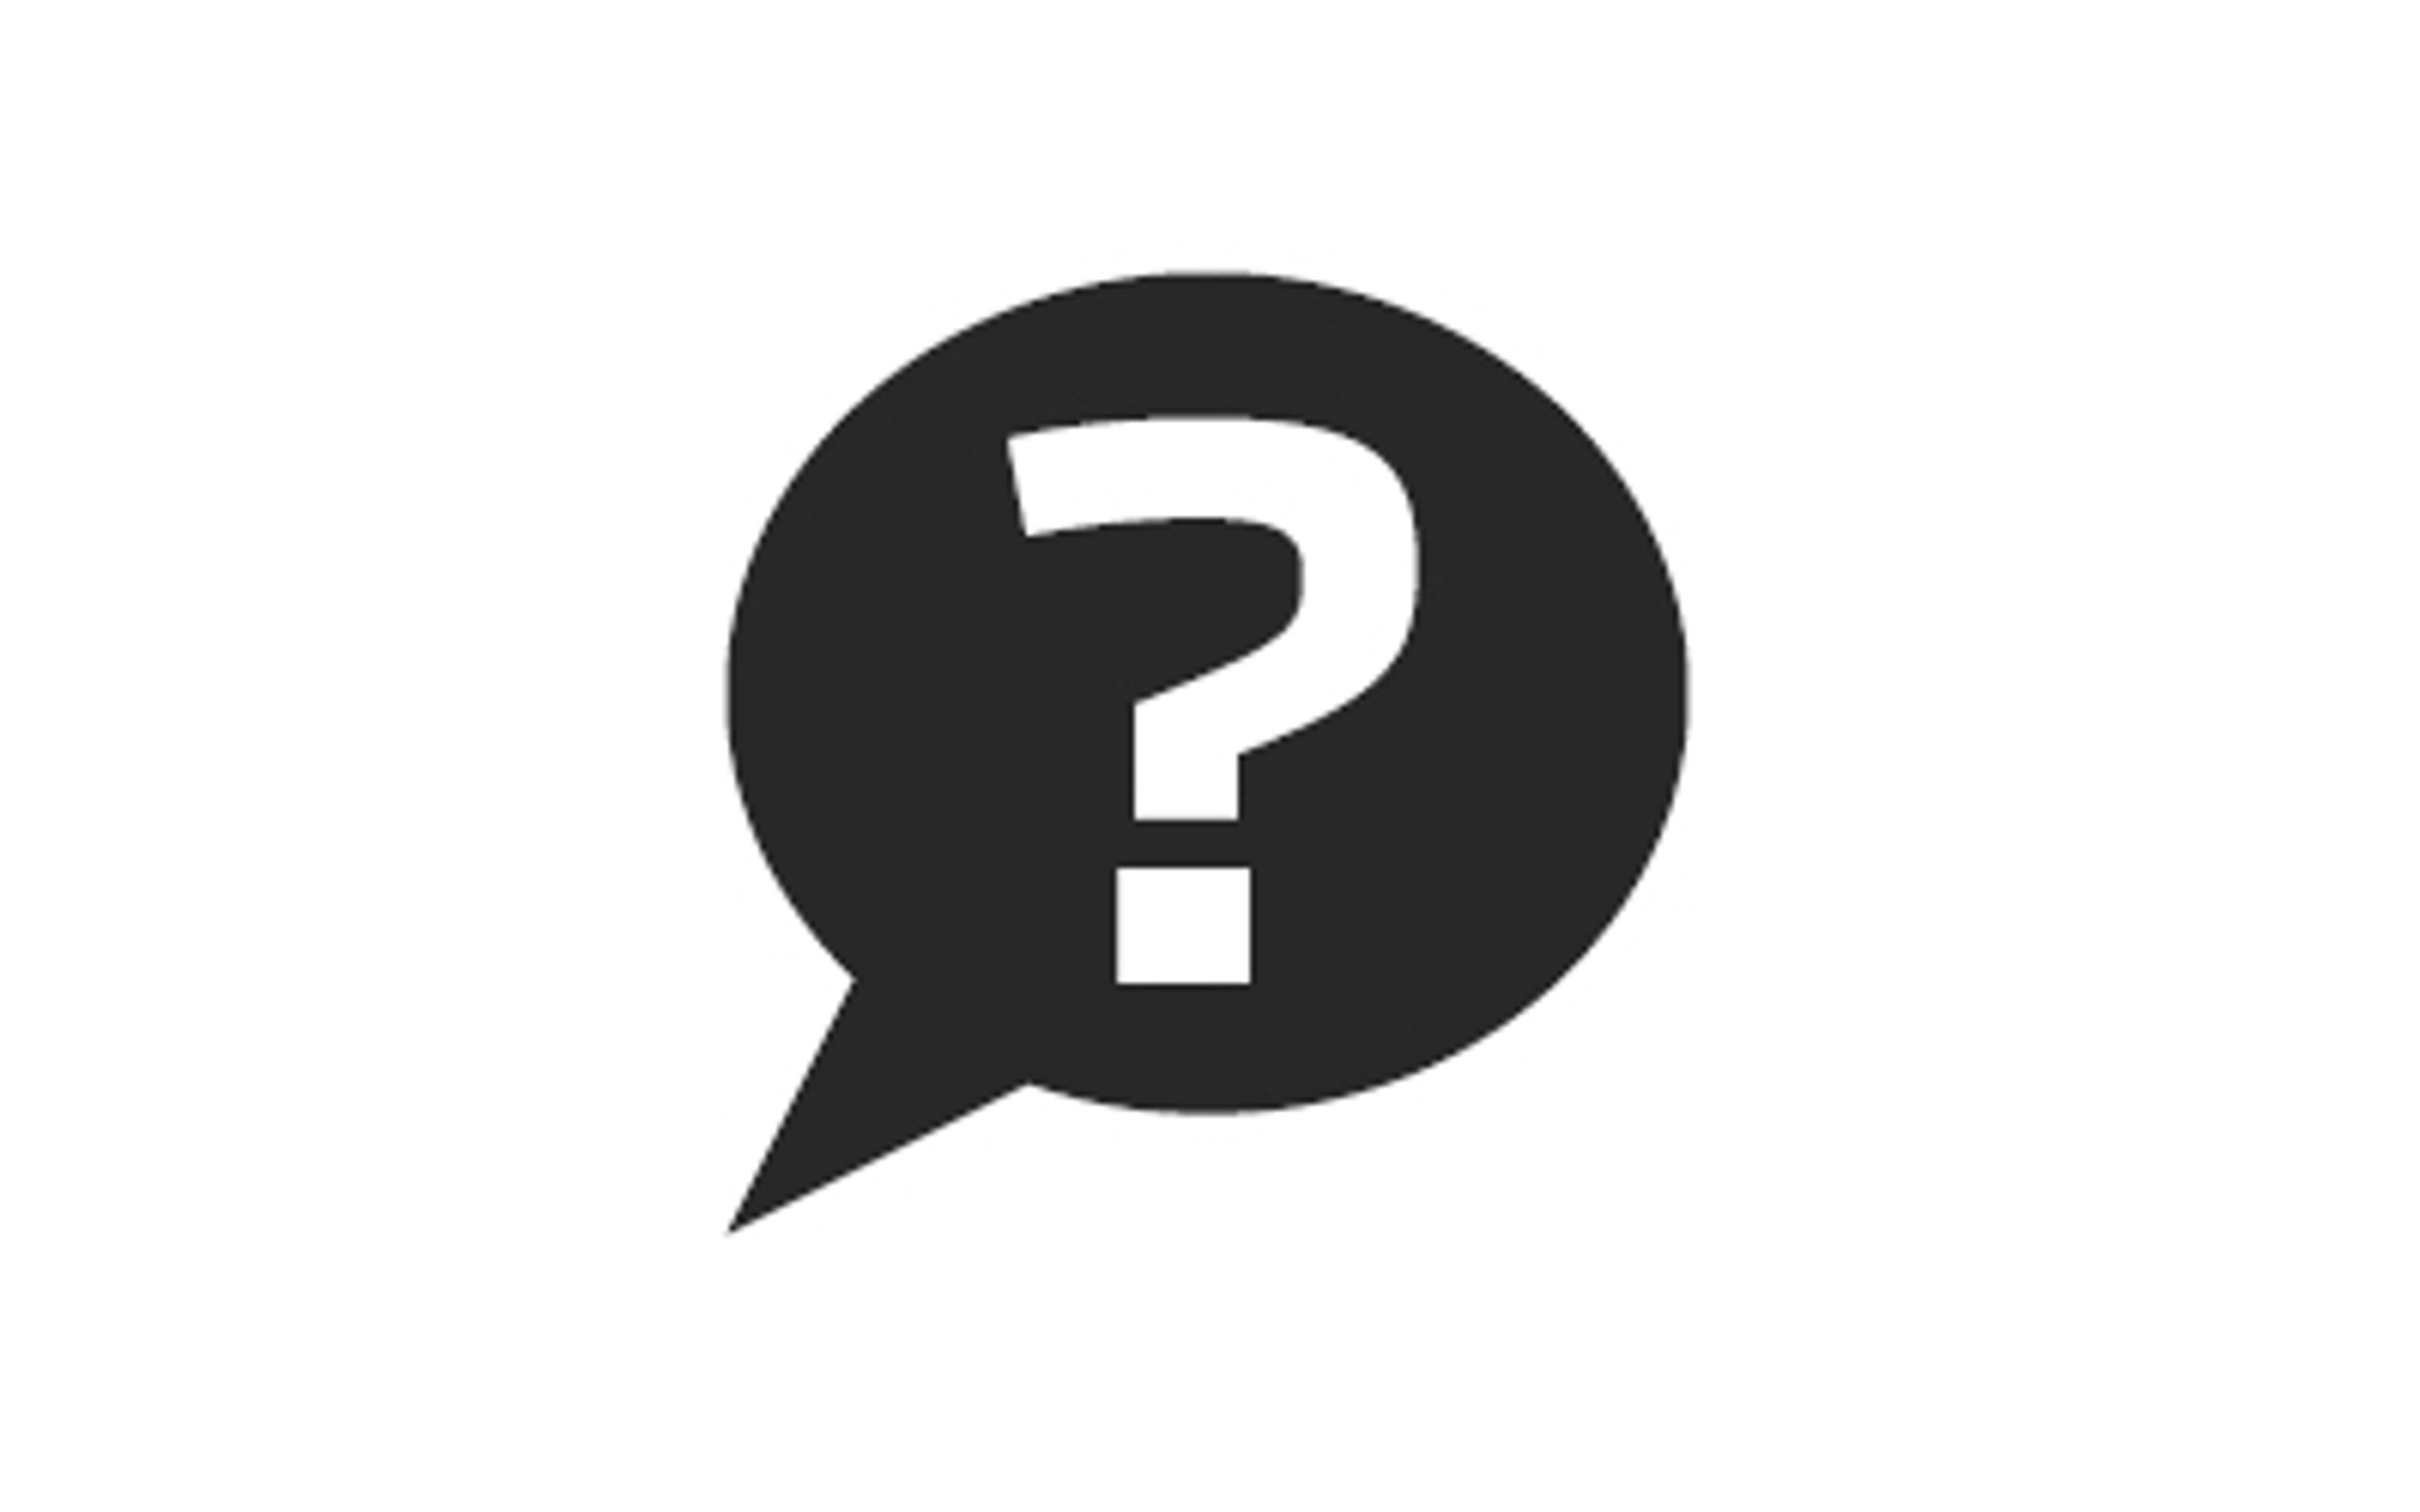 Spørgsmål & svar. Få hurtig hjælp og svar på dine spørgsmål!